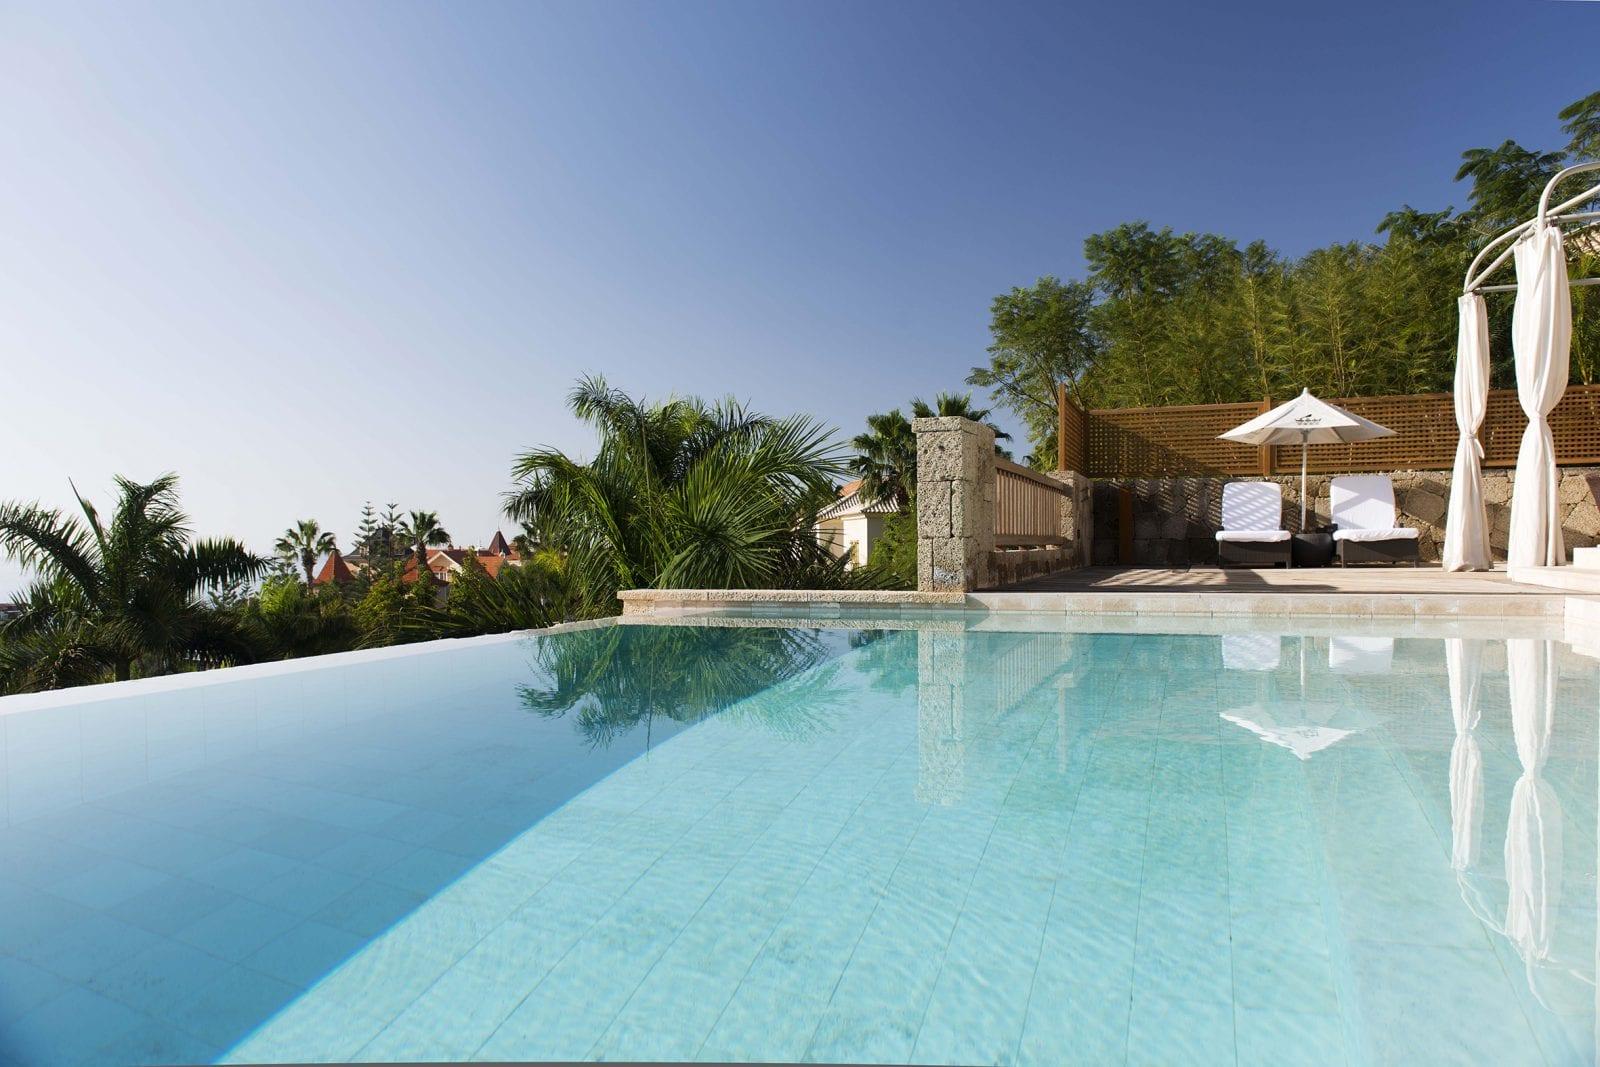 Las Mimosas 3 - La exclusivistul resort Bahía del Duque, timpul stă în loc